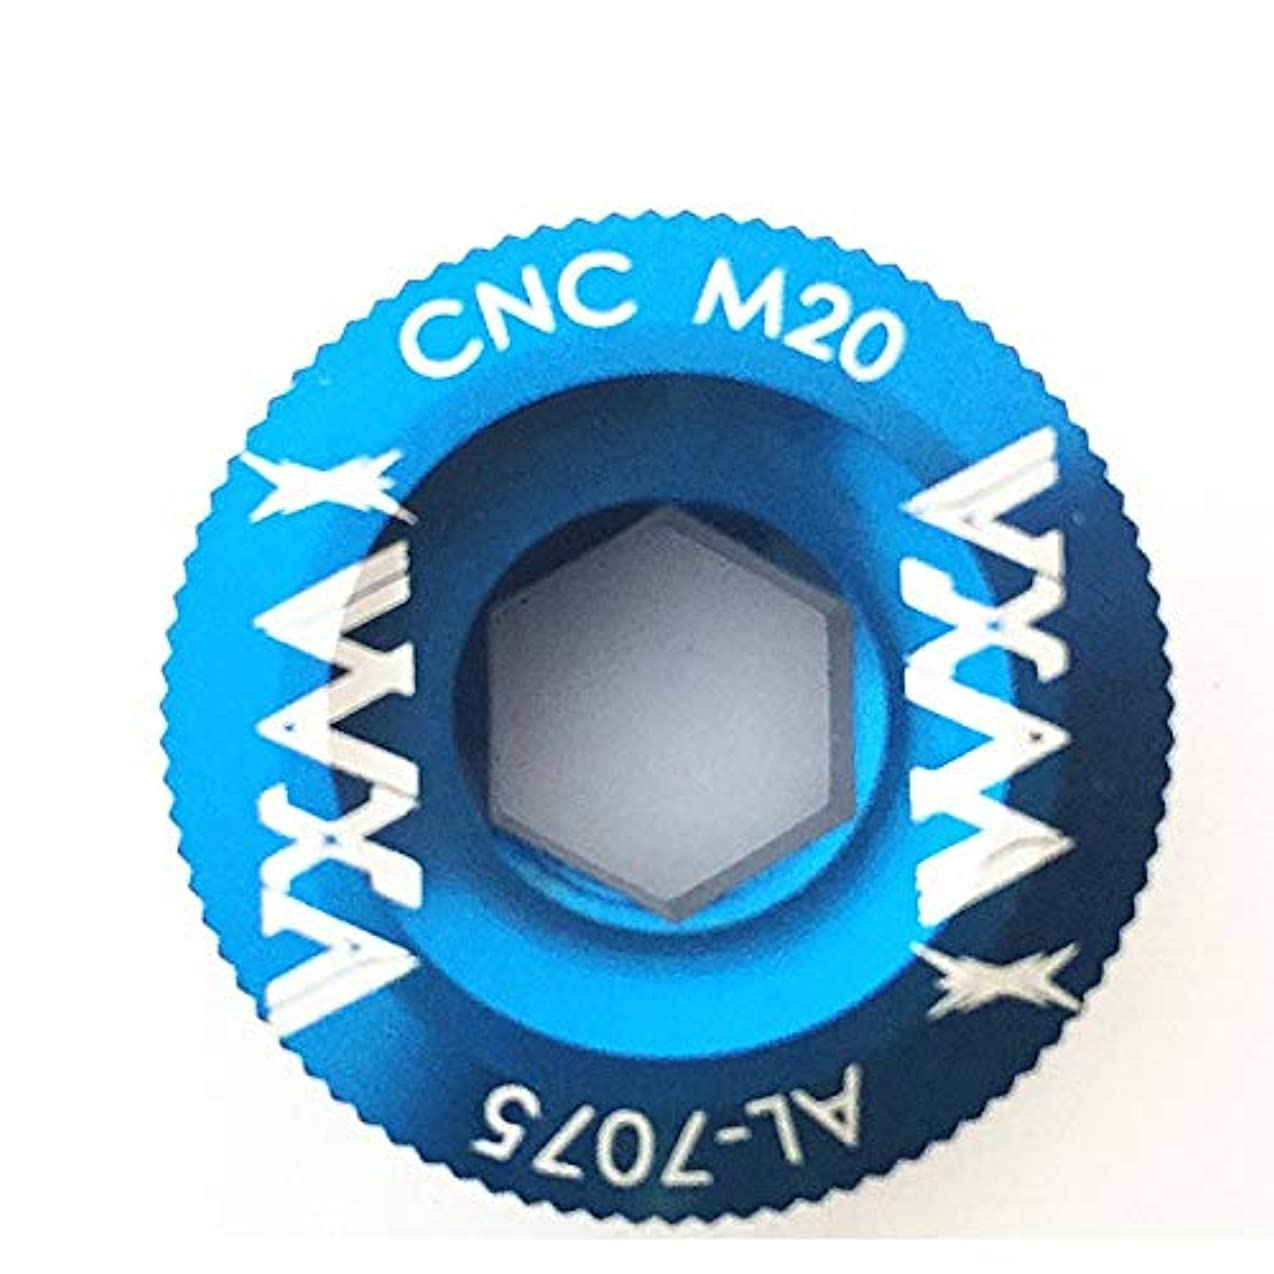 欠伸おとうさん摩擦Propenaryは - 自転車クランクカバーのネジキャップM20ロードバイククランクボルトクランクセットはバイクフィッティングボルトCNCクランクアームネジBB軸の固定ネジ[青]